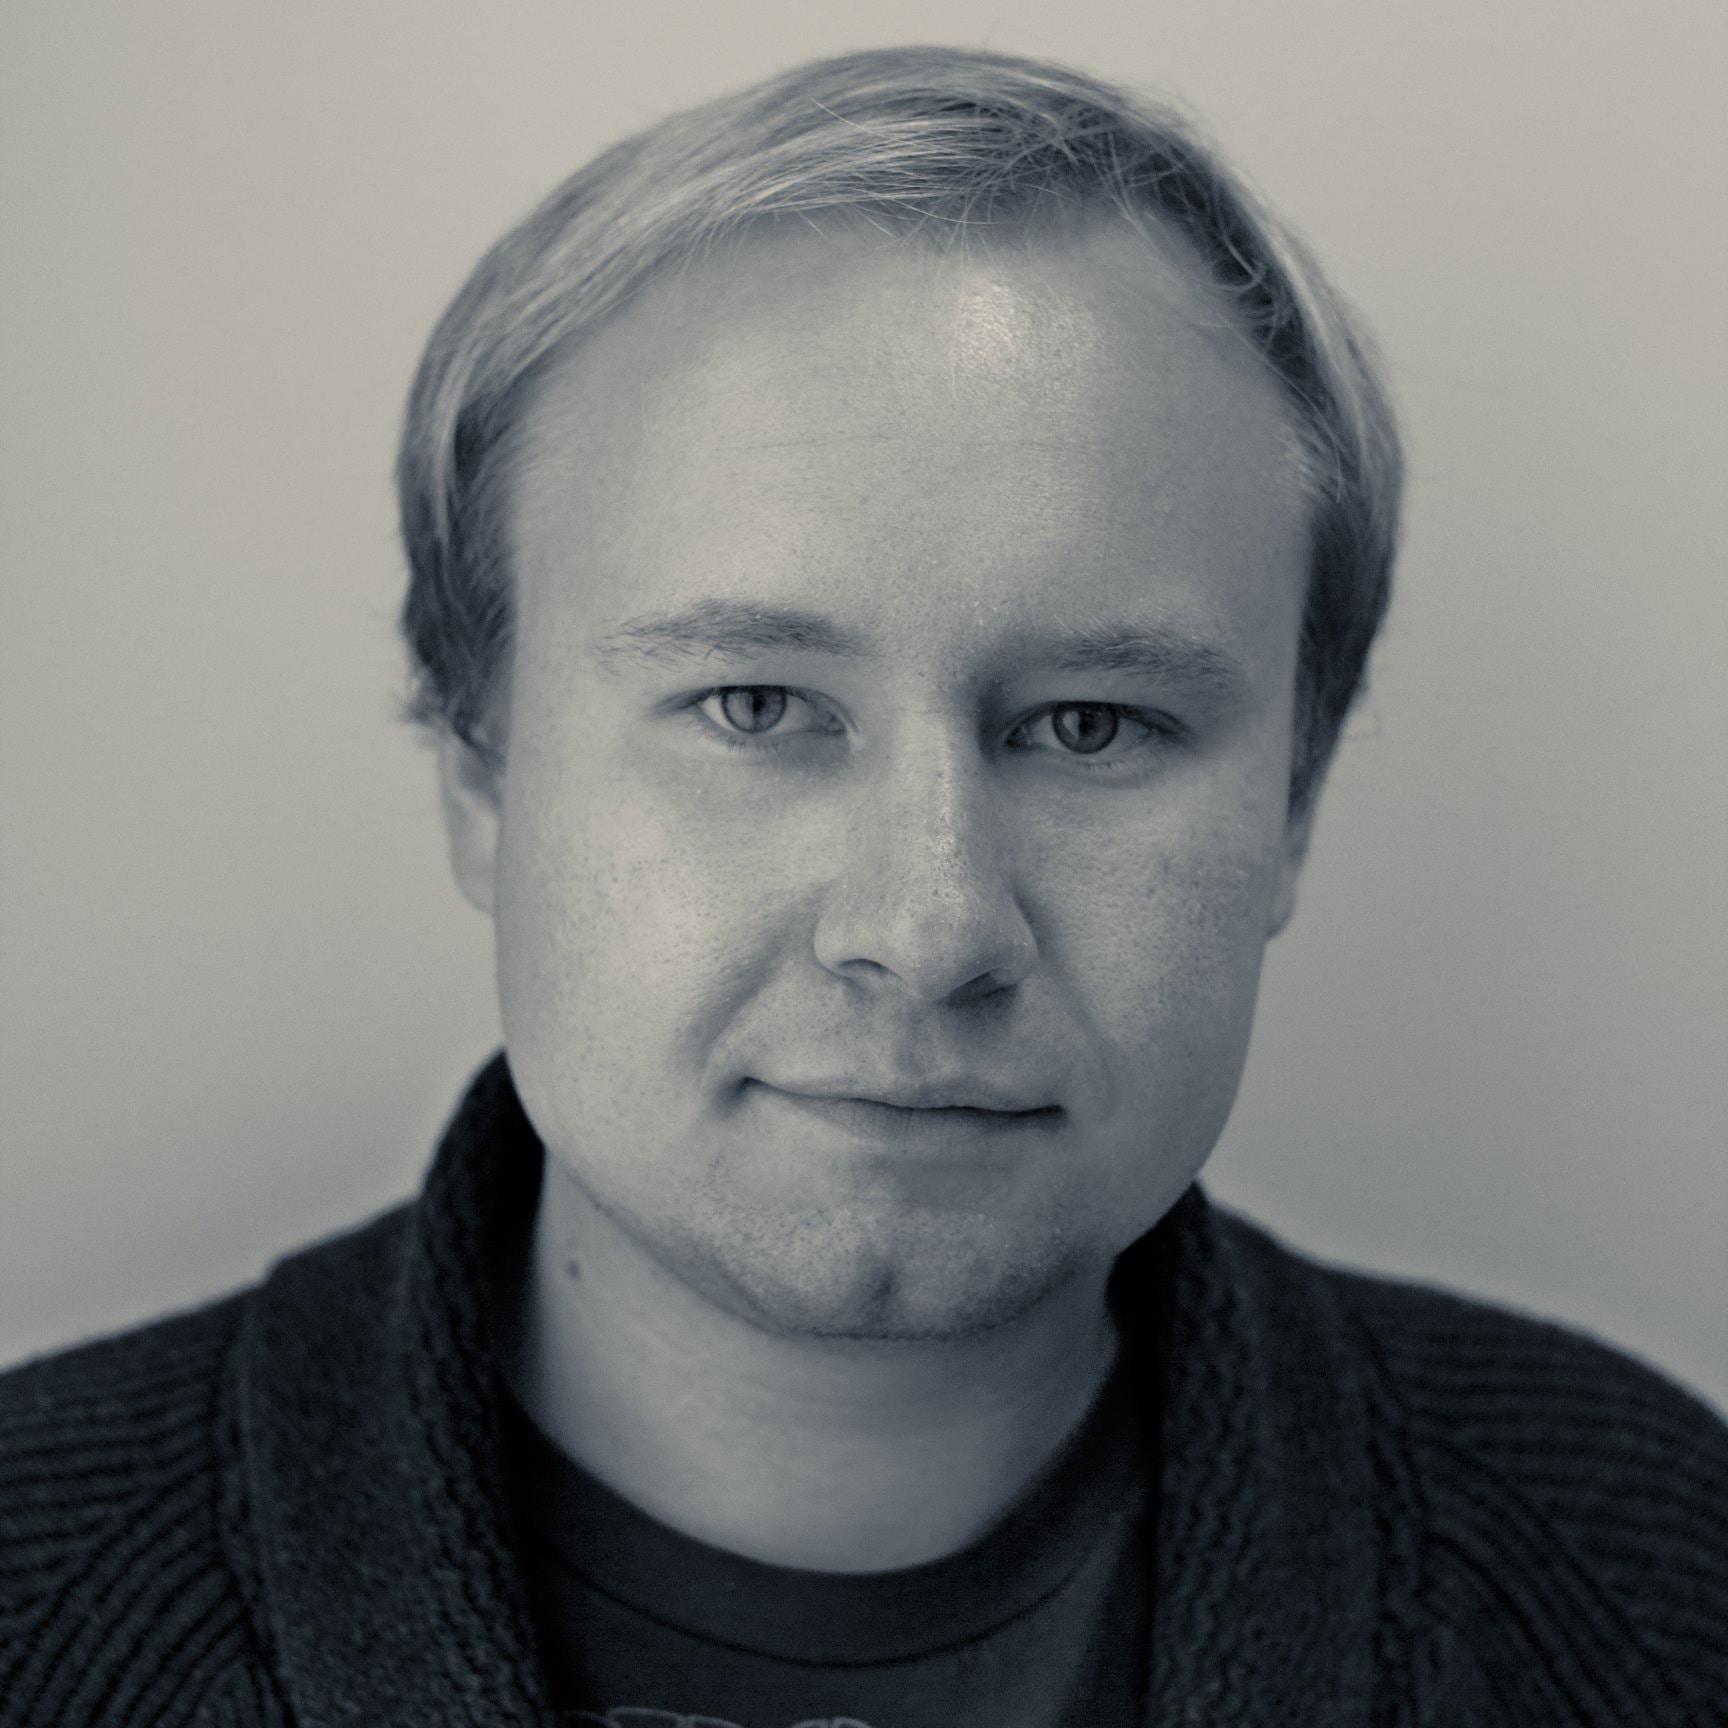 Go to Yulian Alexeyev's profile